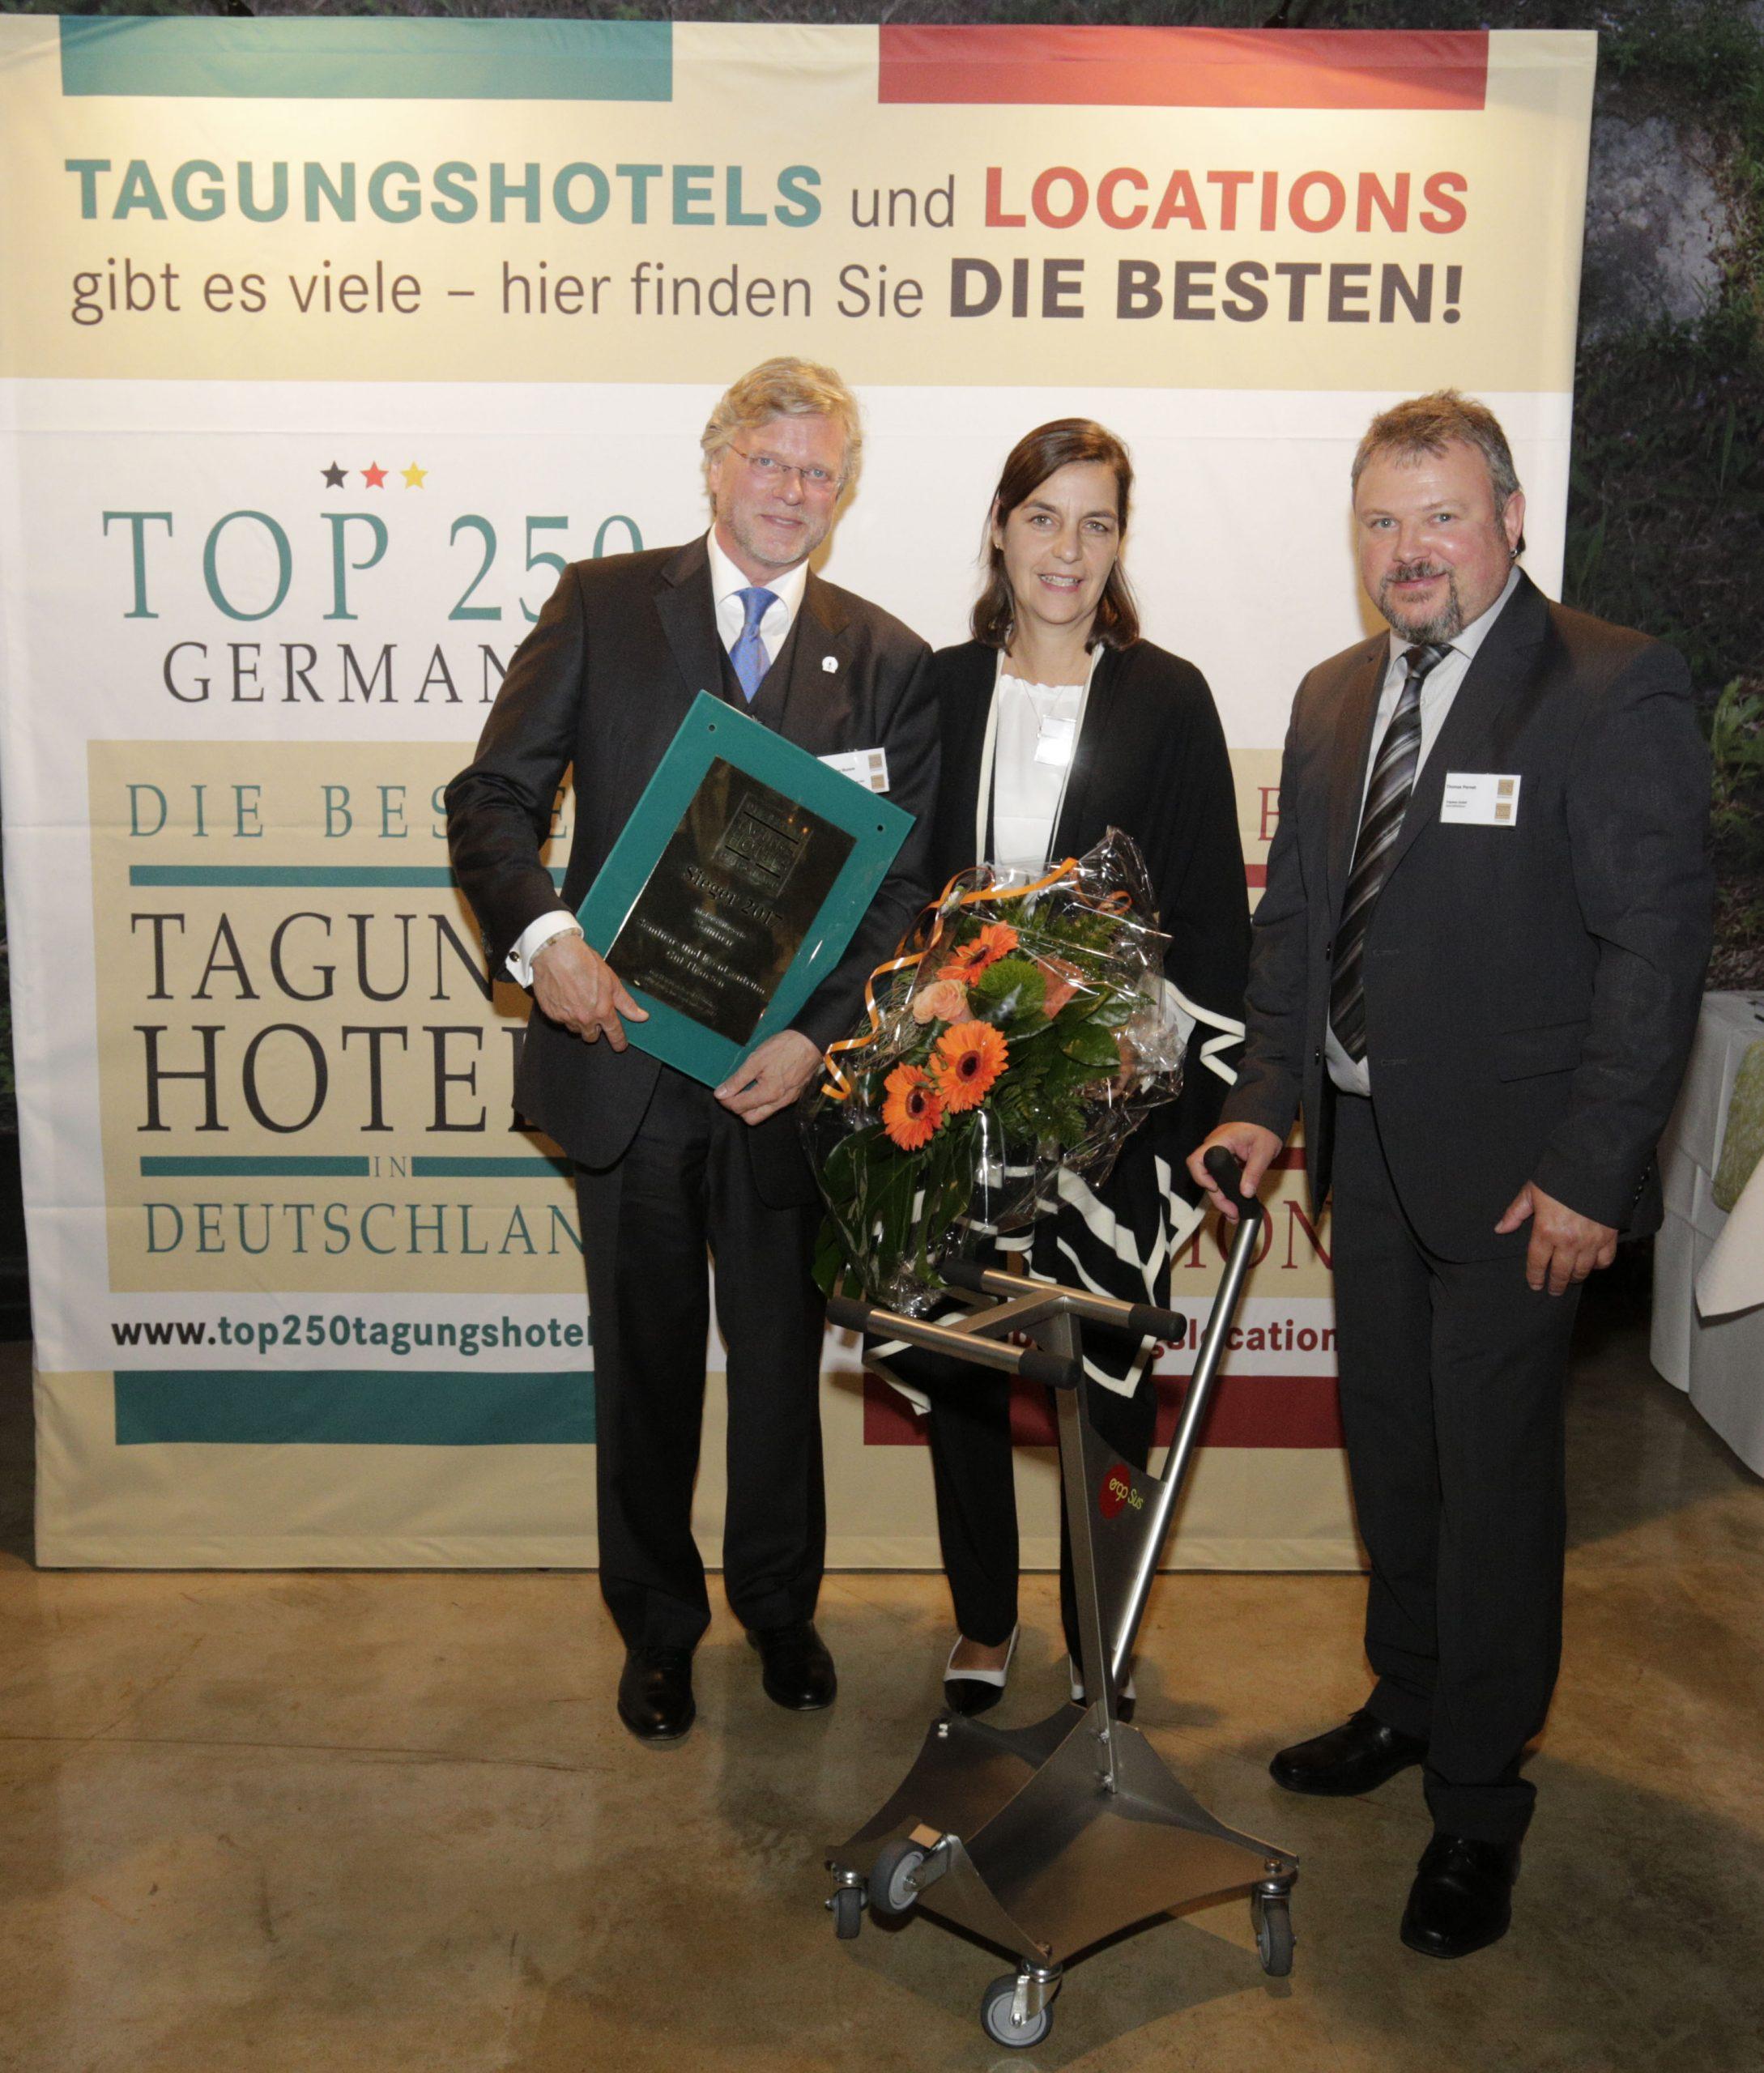 Preisverleihung und Gala der 250 Top Tagungshotels Deutschlands im Gasometer Pforzheim